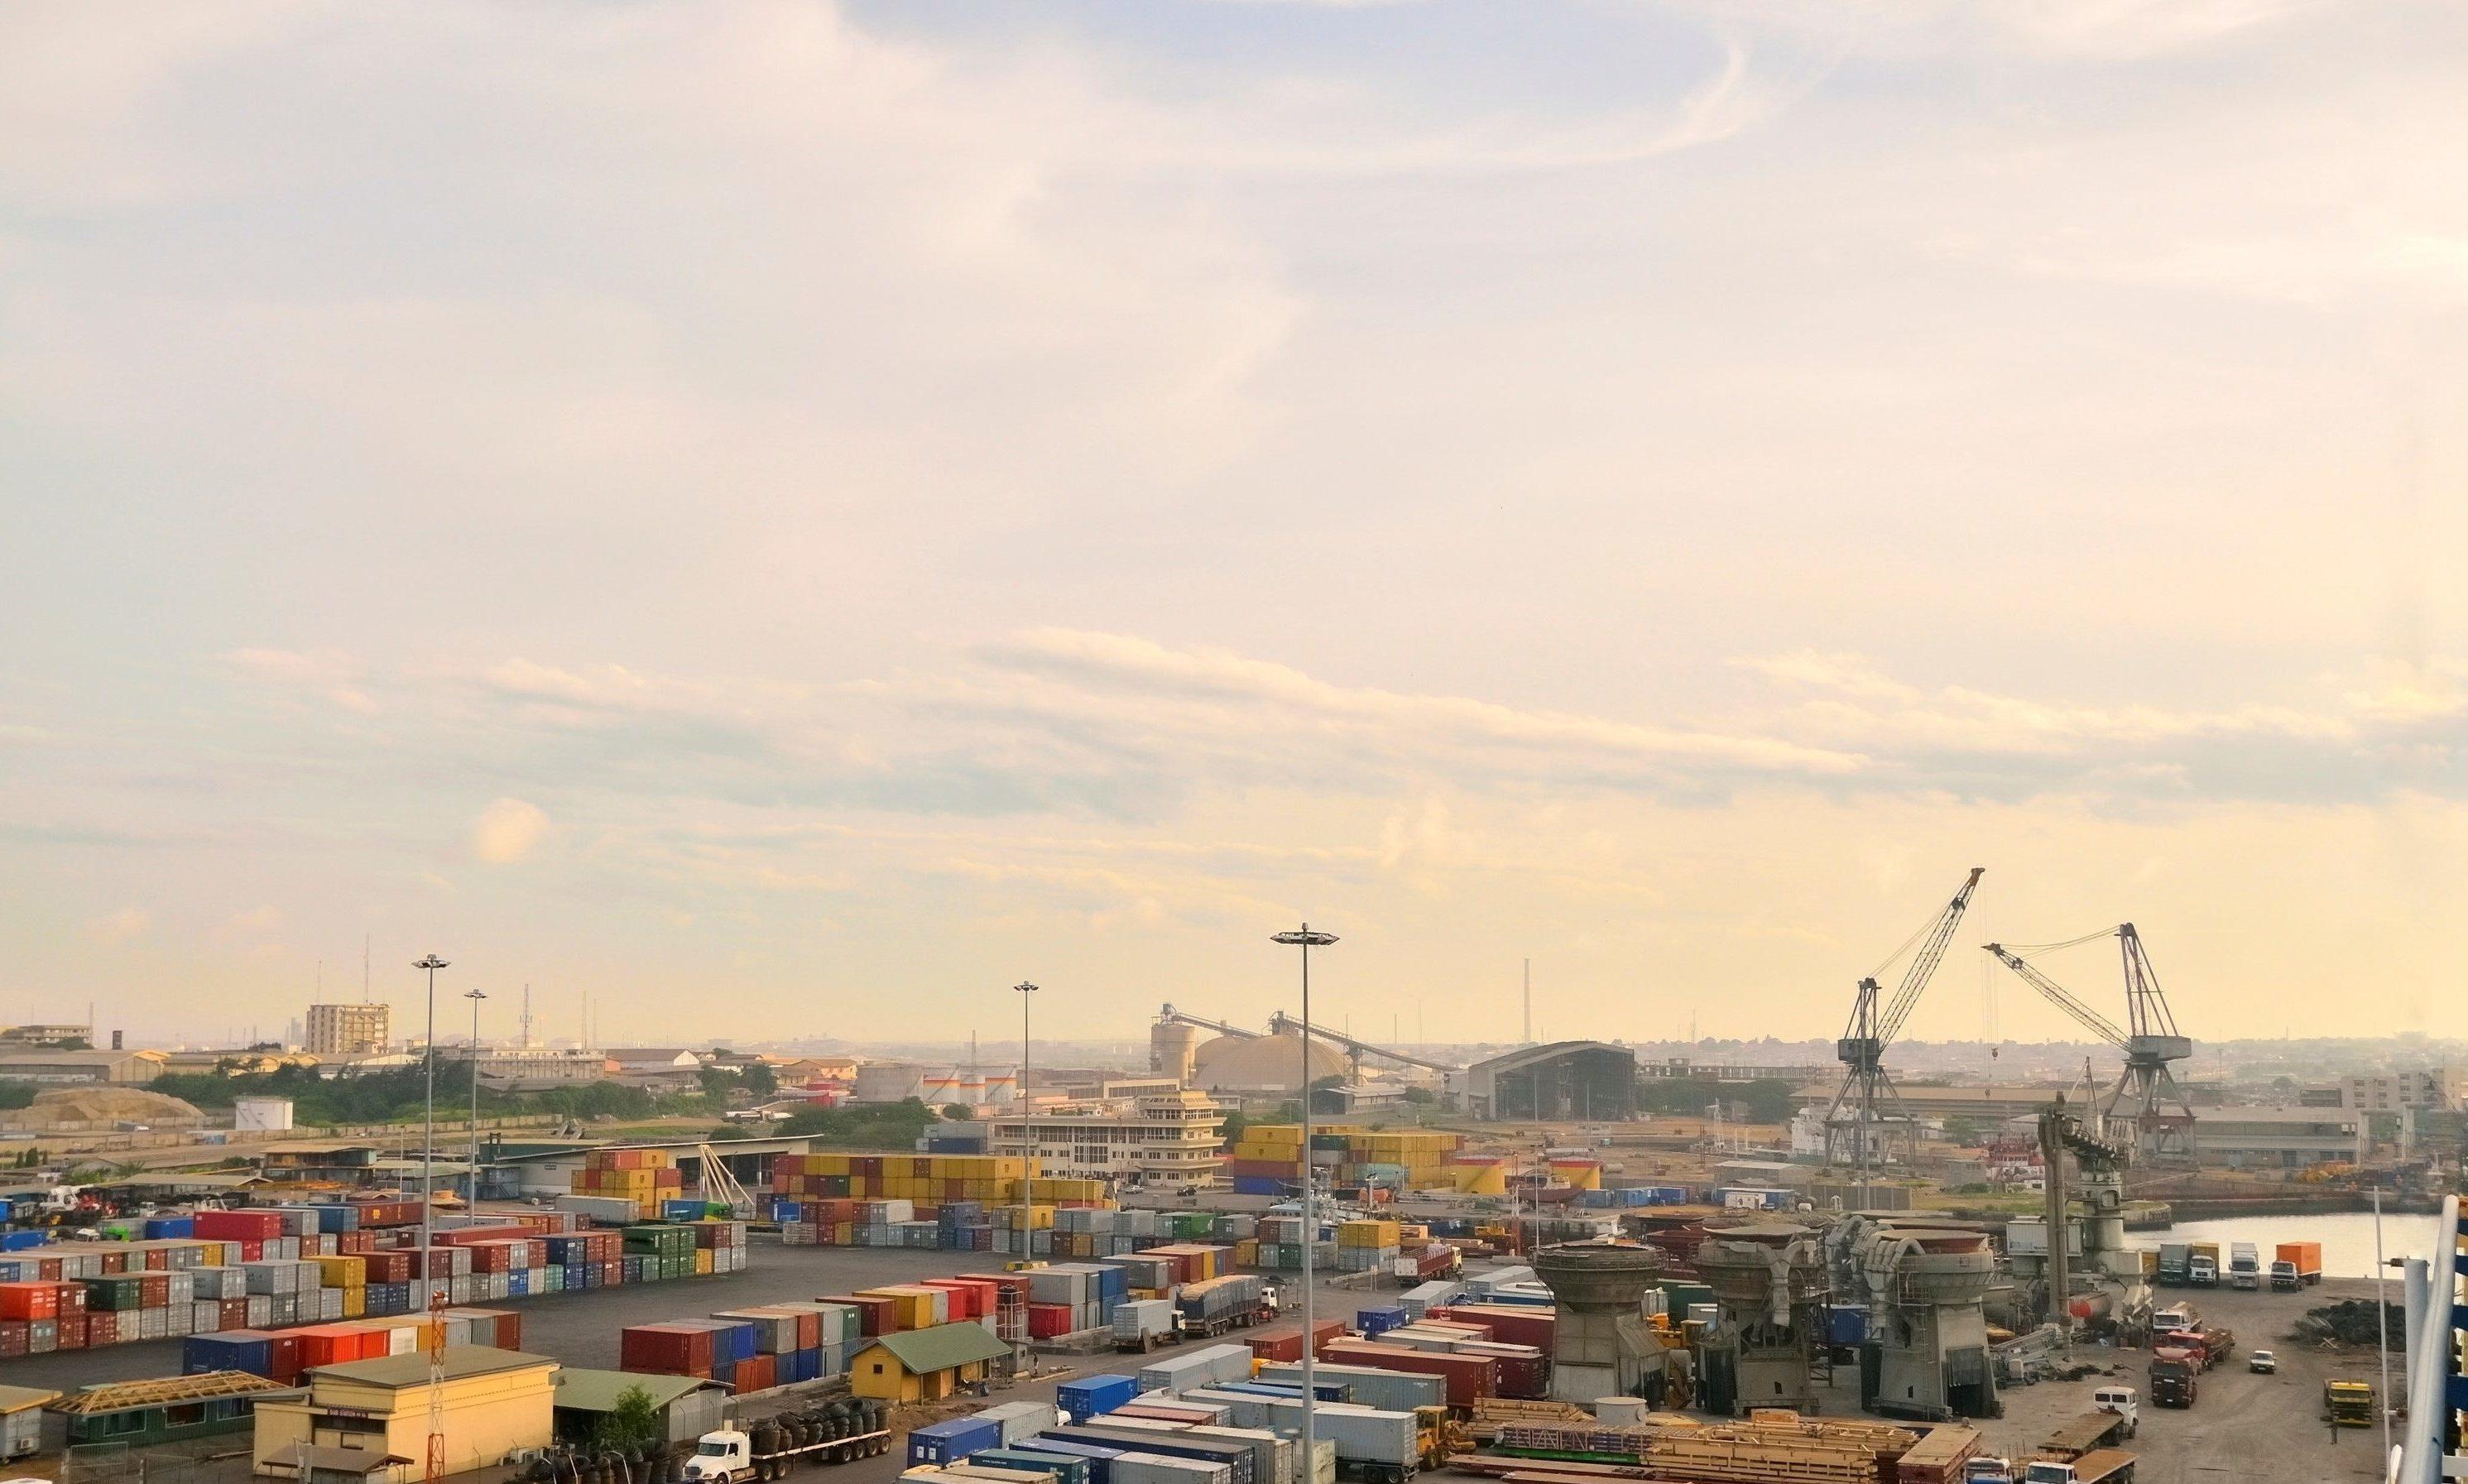 Hafen in Ghana  mit Kränen, Lkw und Containern